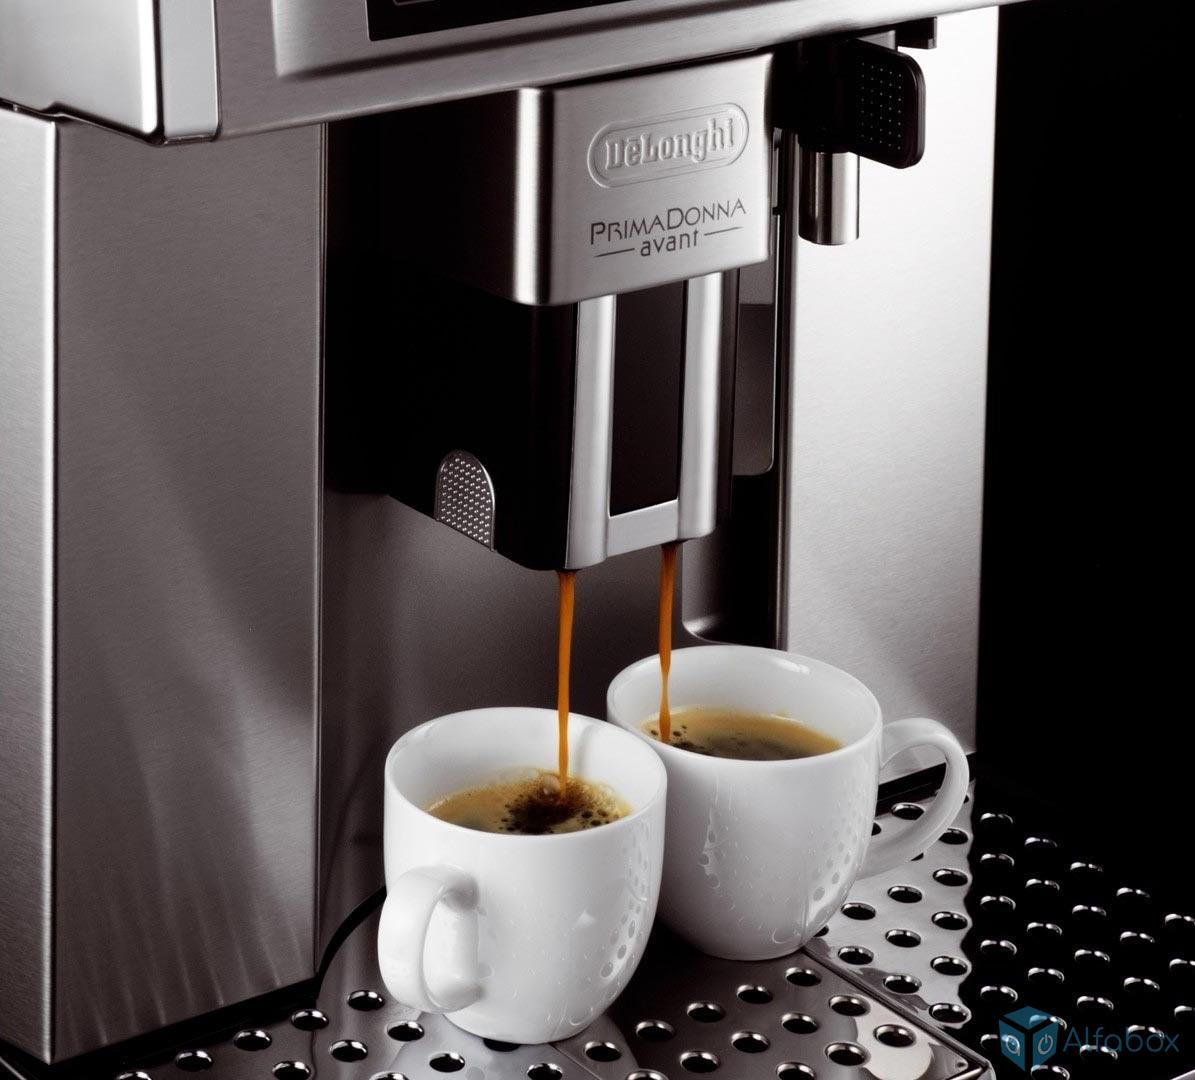 купить кофемашинку PrimaDonna DeLonghi Esam 6650